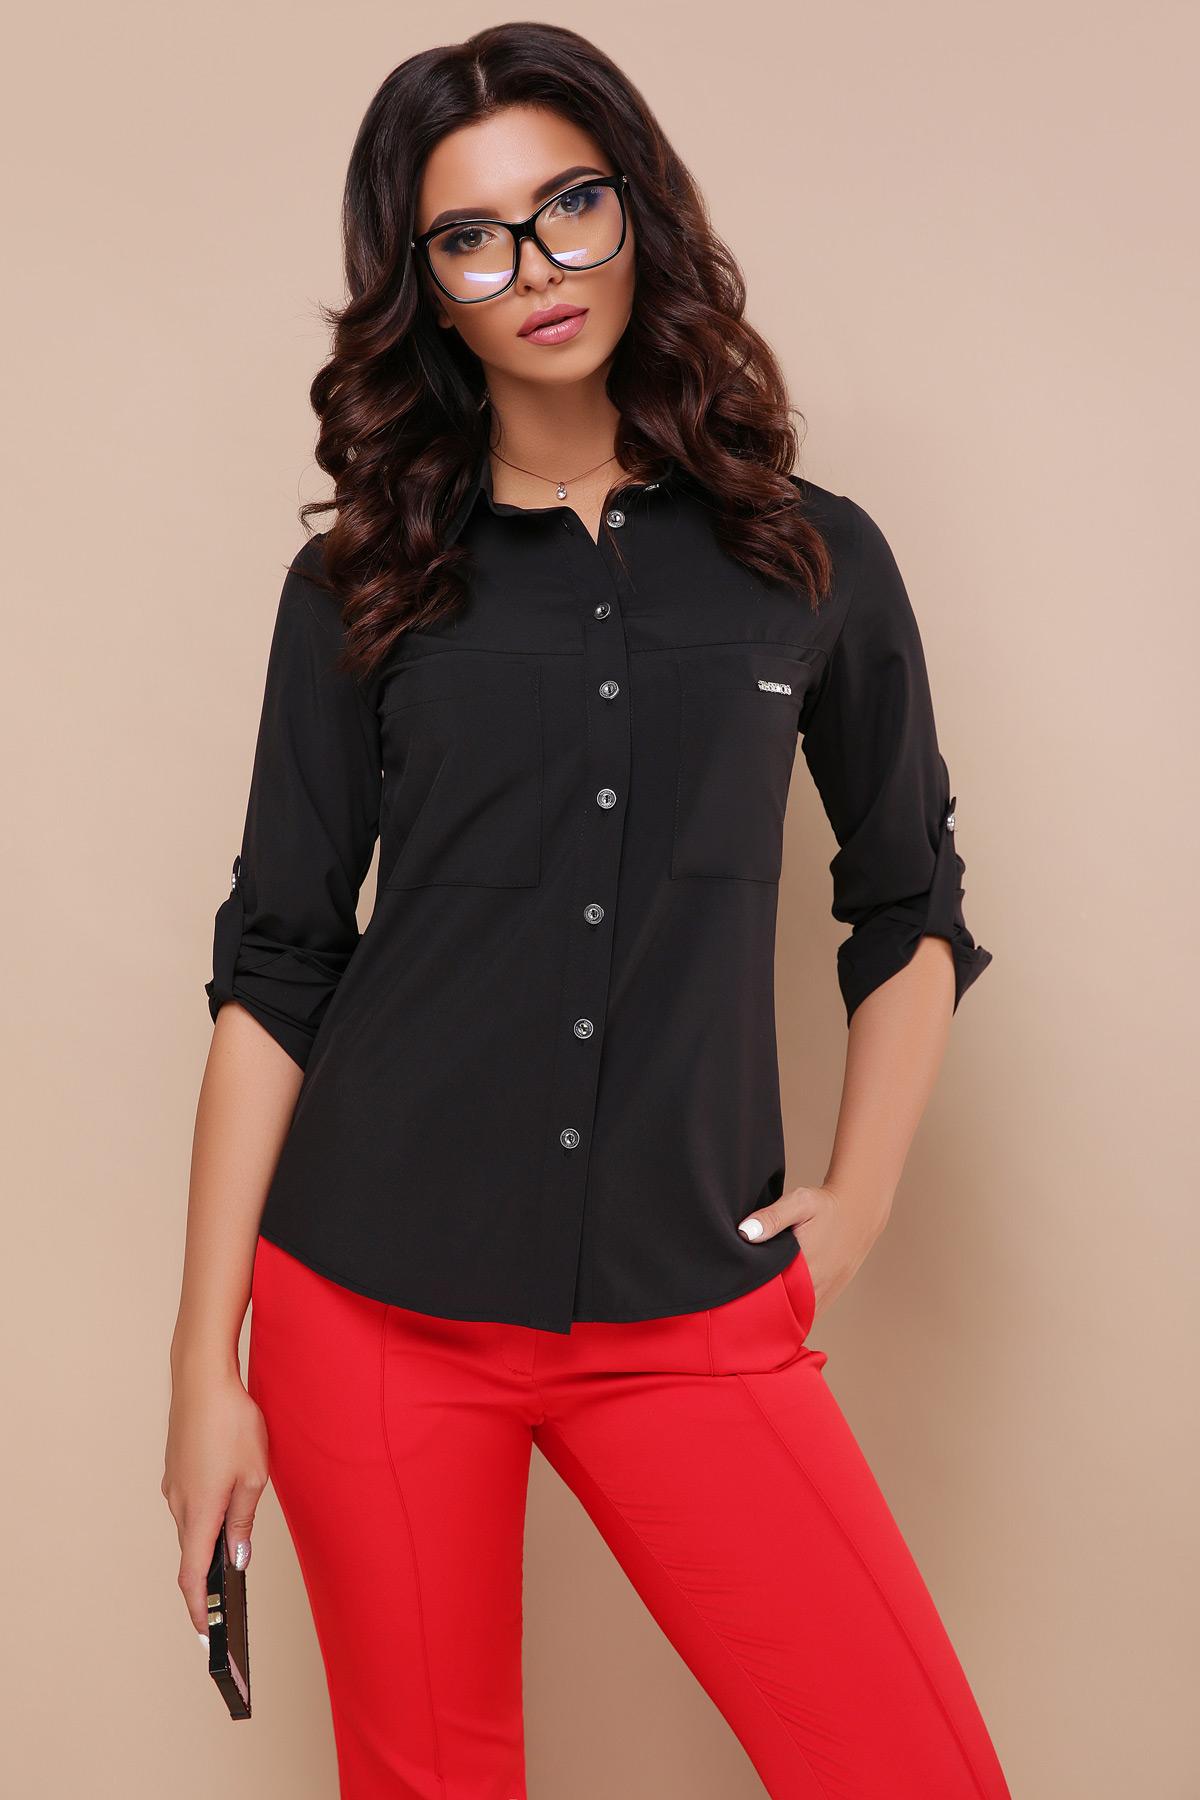 e6f7aeaf8d7 Цвет  черный купить · черная блузка с длинным рукавом. блуза Кери д р.